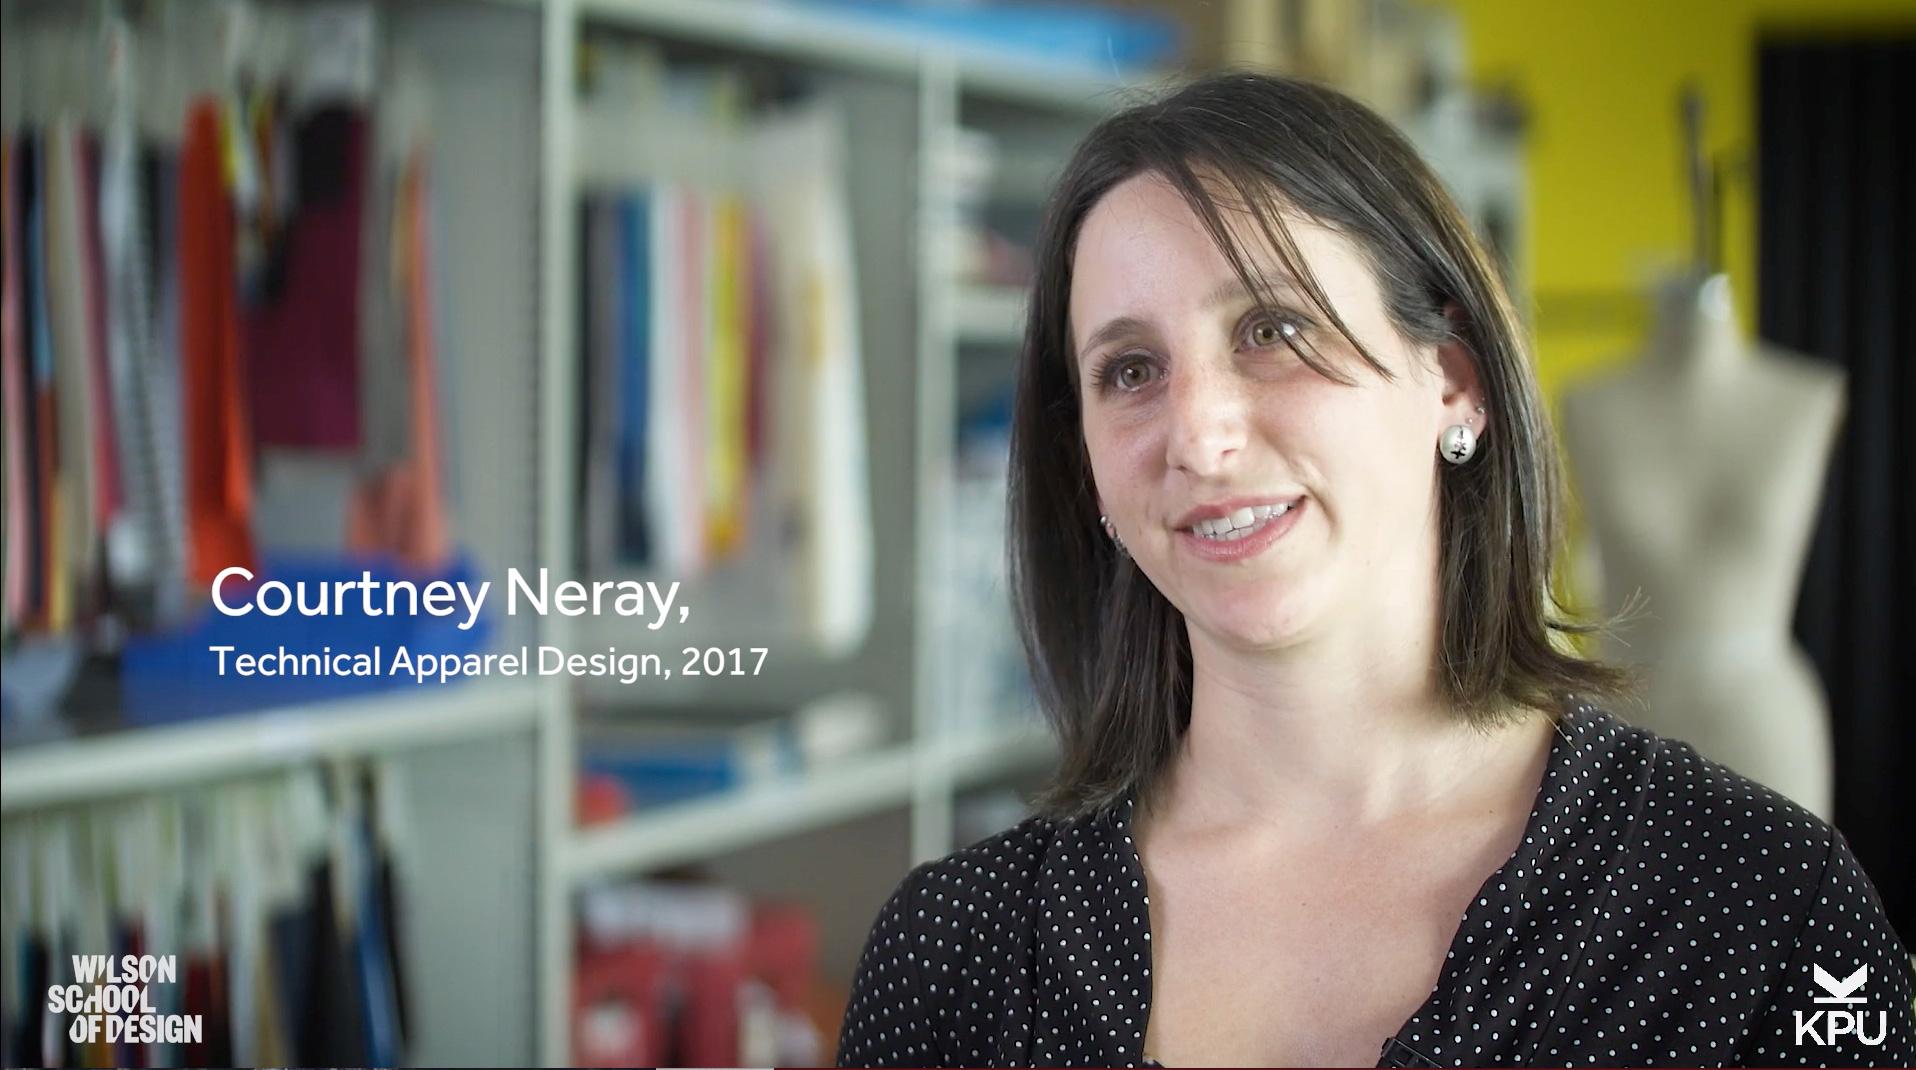 Courtenay Neray